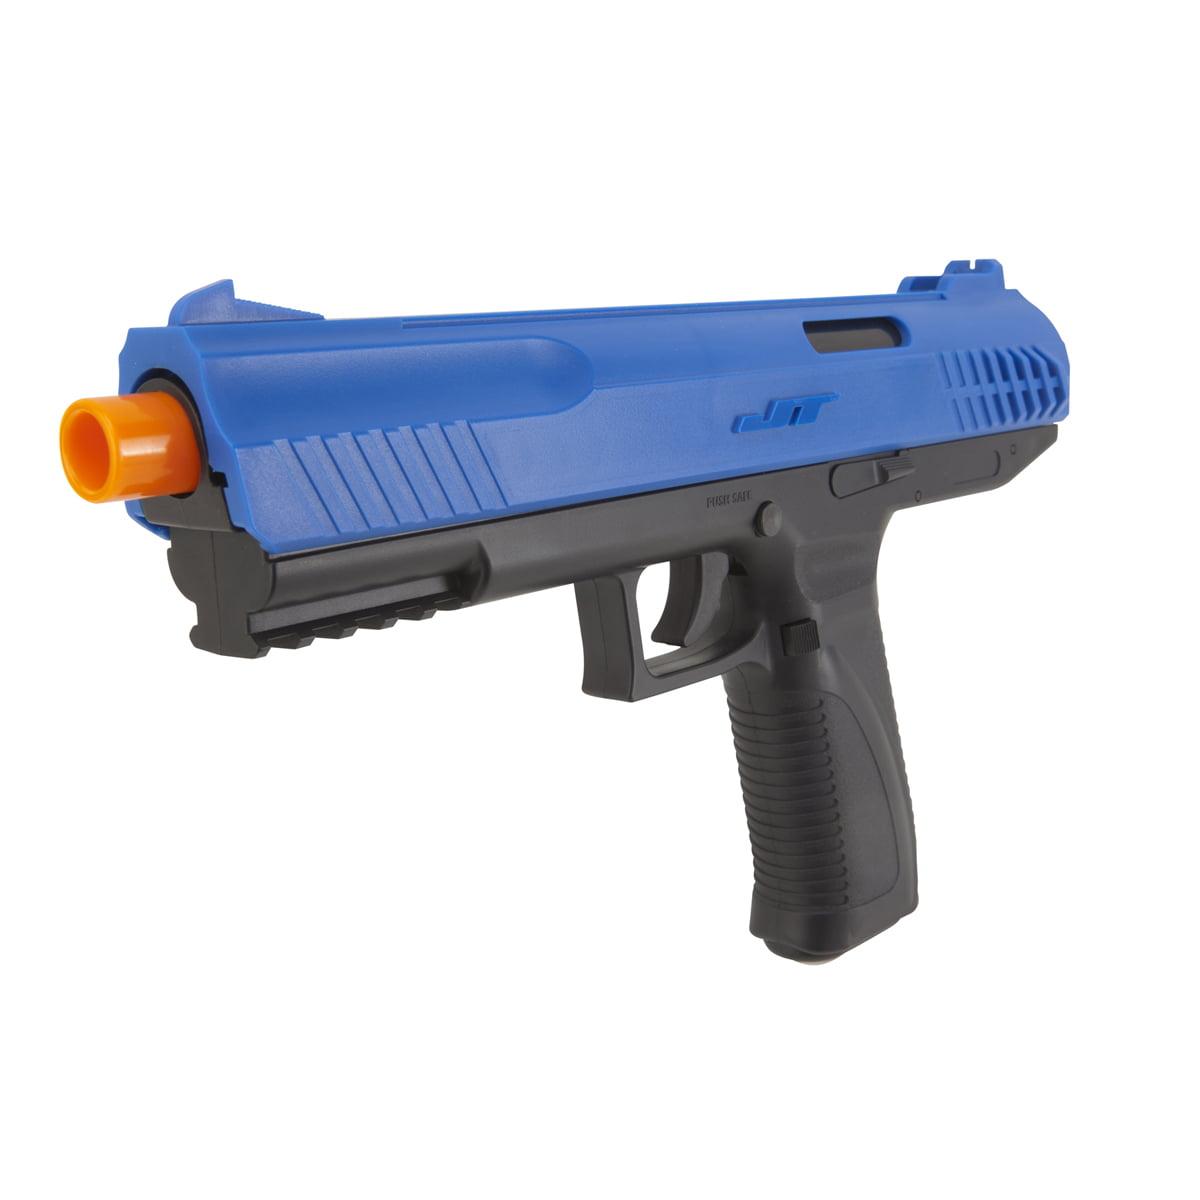 Image Result For Jt Splatmaster Z Paintball Pistol Cal Blue